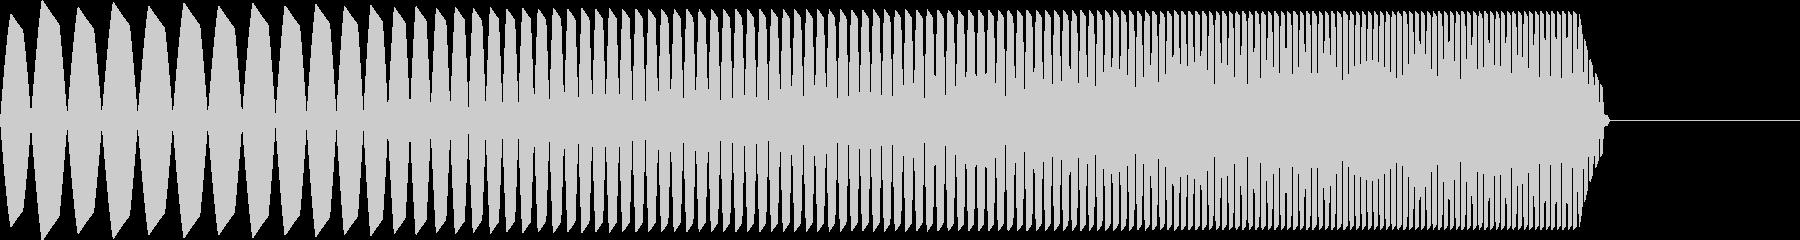 AMGアナログFX41の未再生の波形